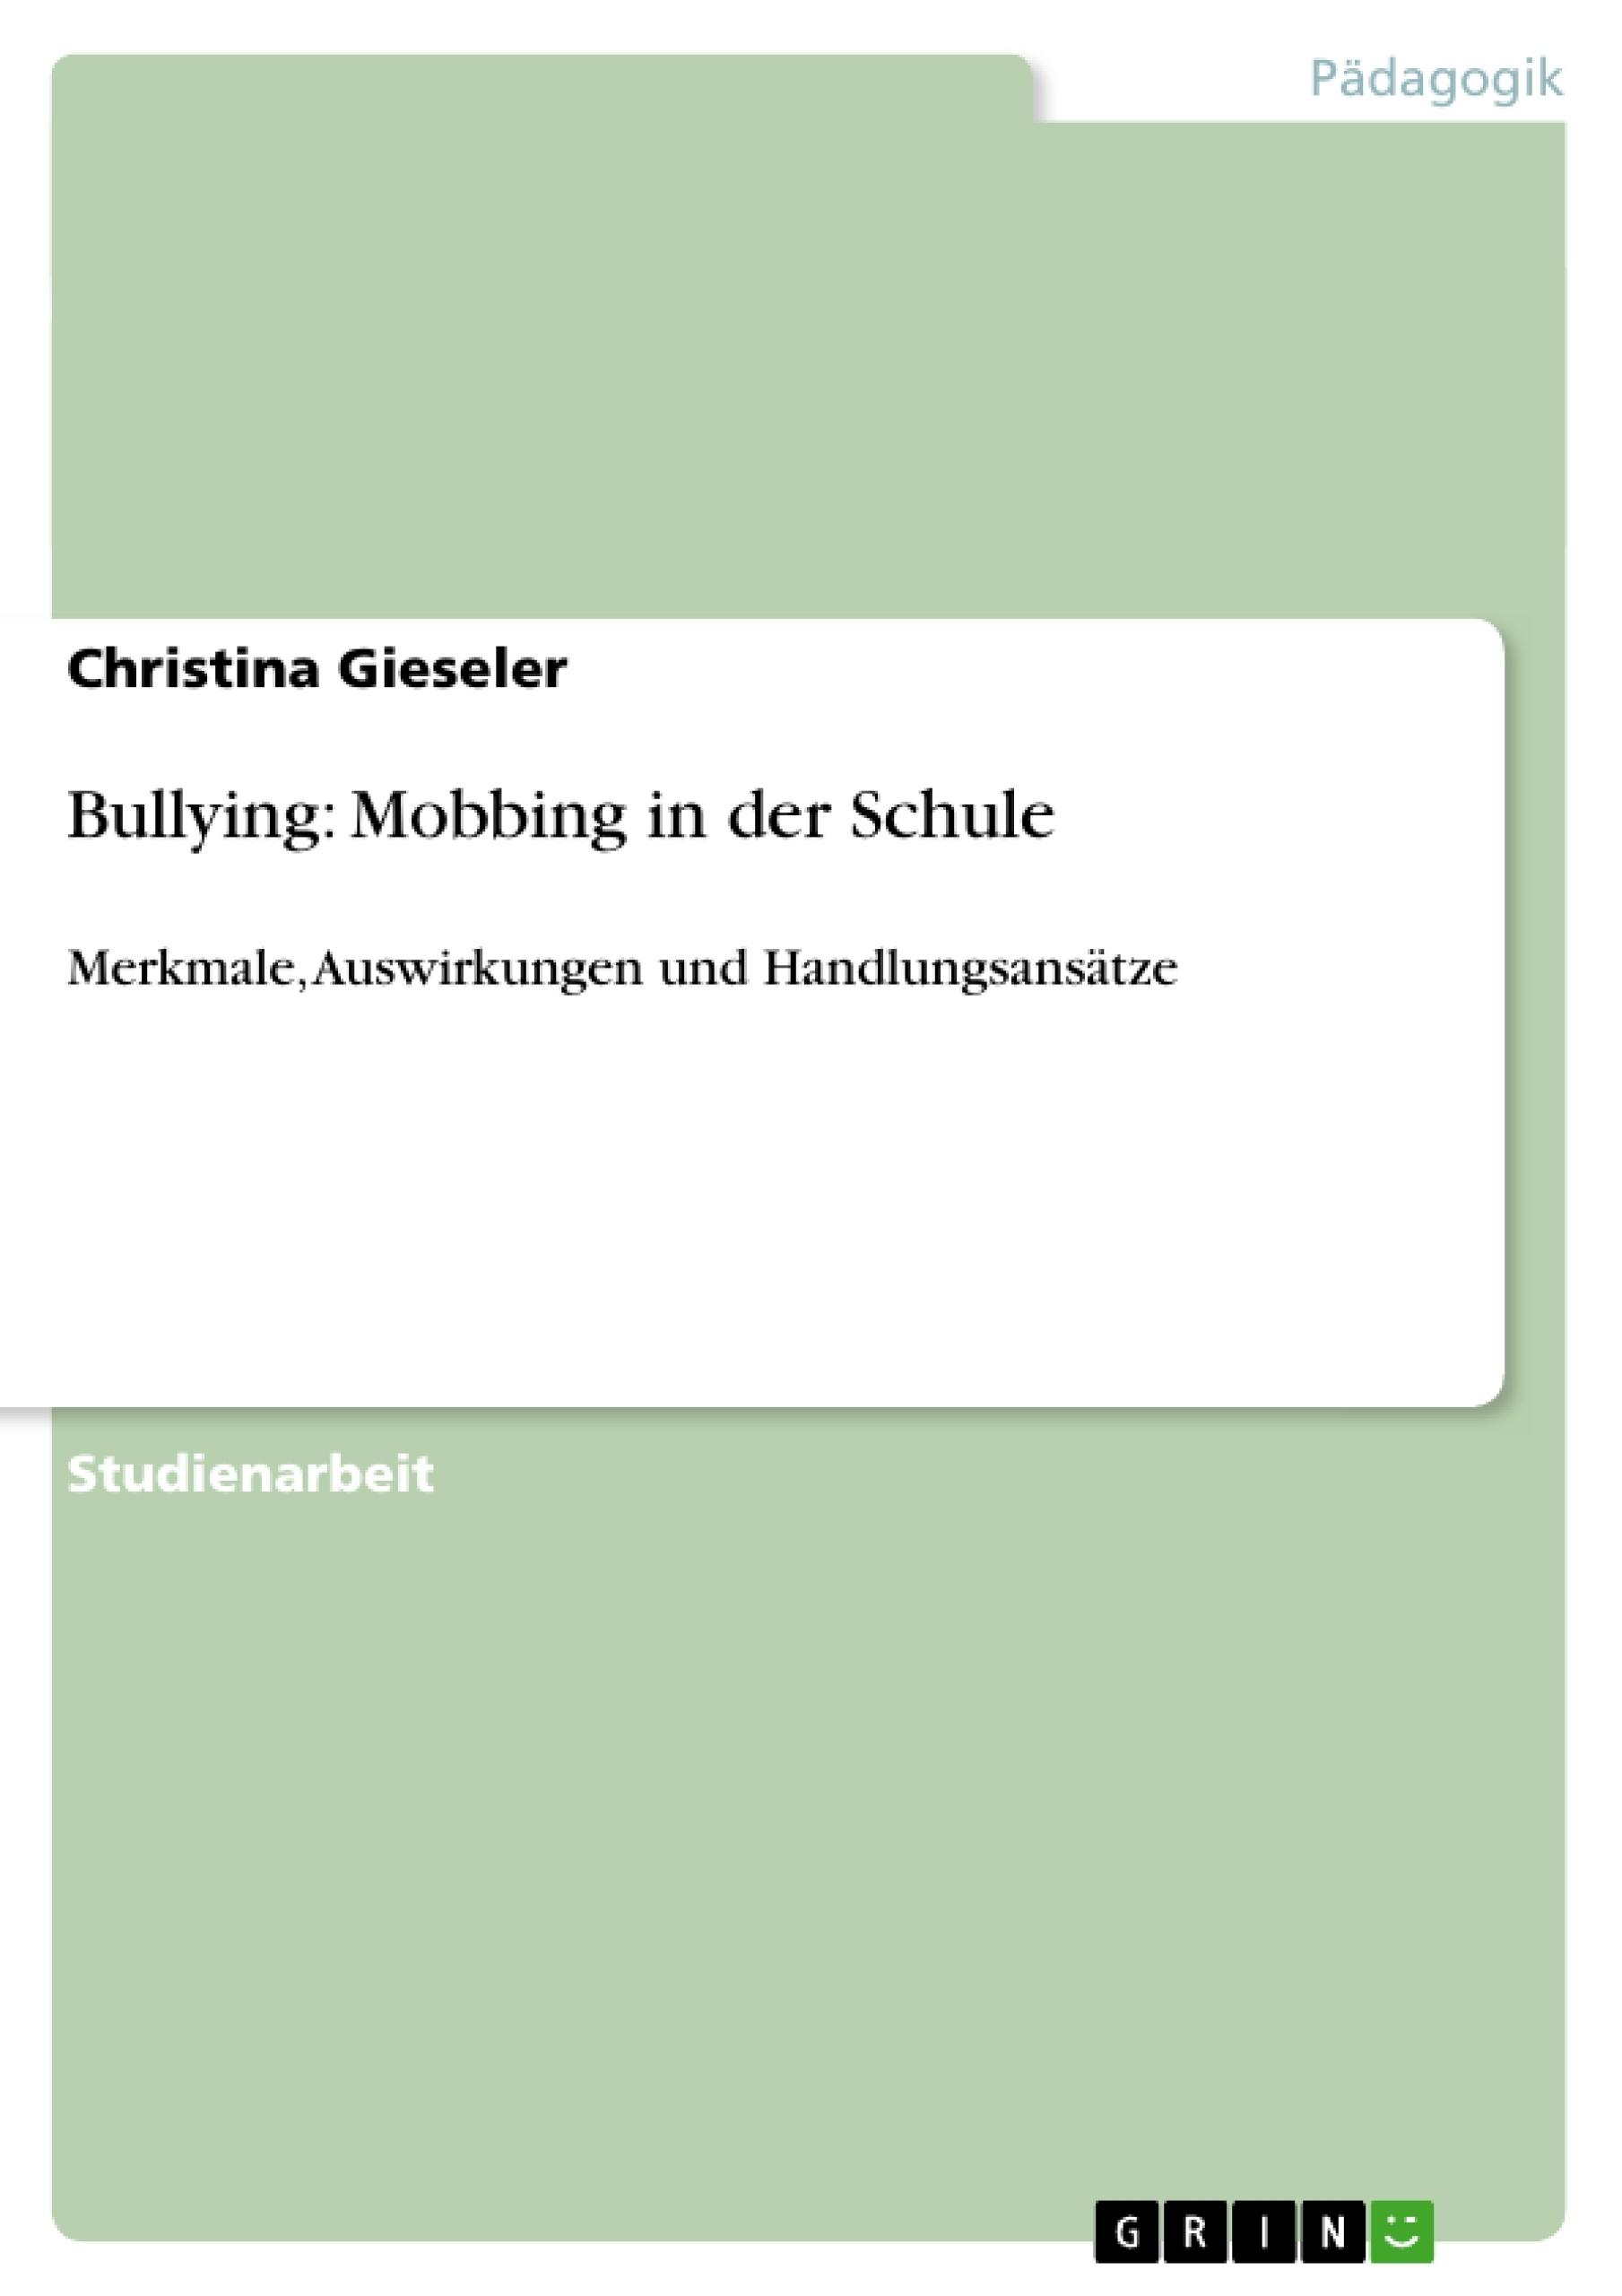 Titel: Bullying: Mobbing in der Schule